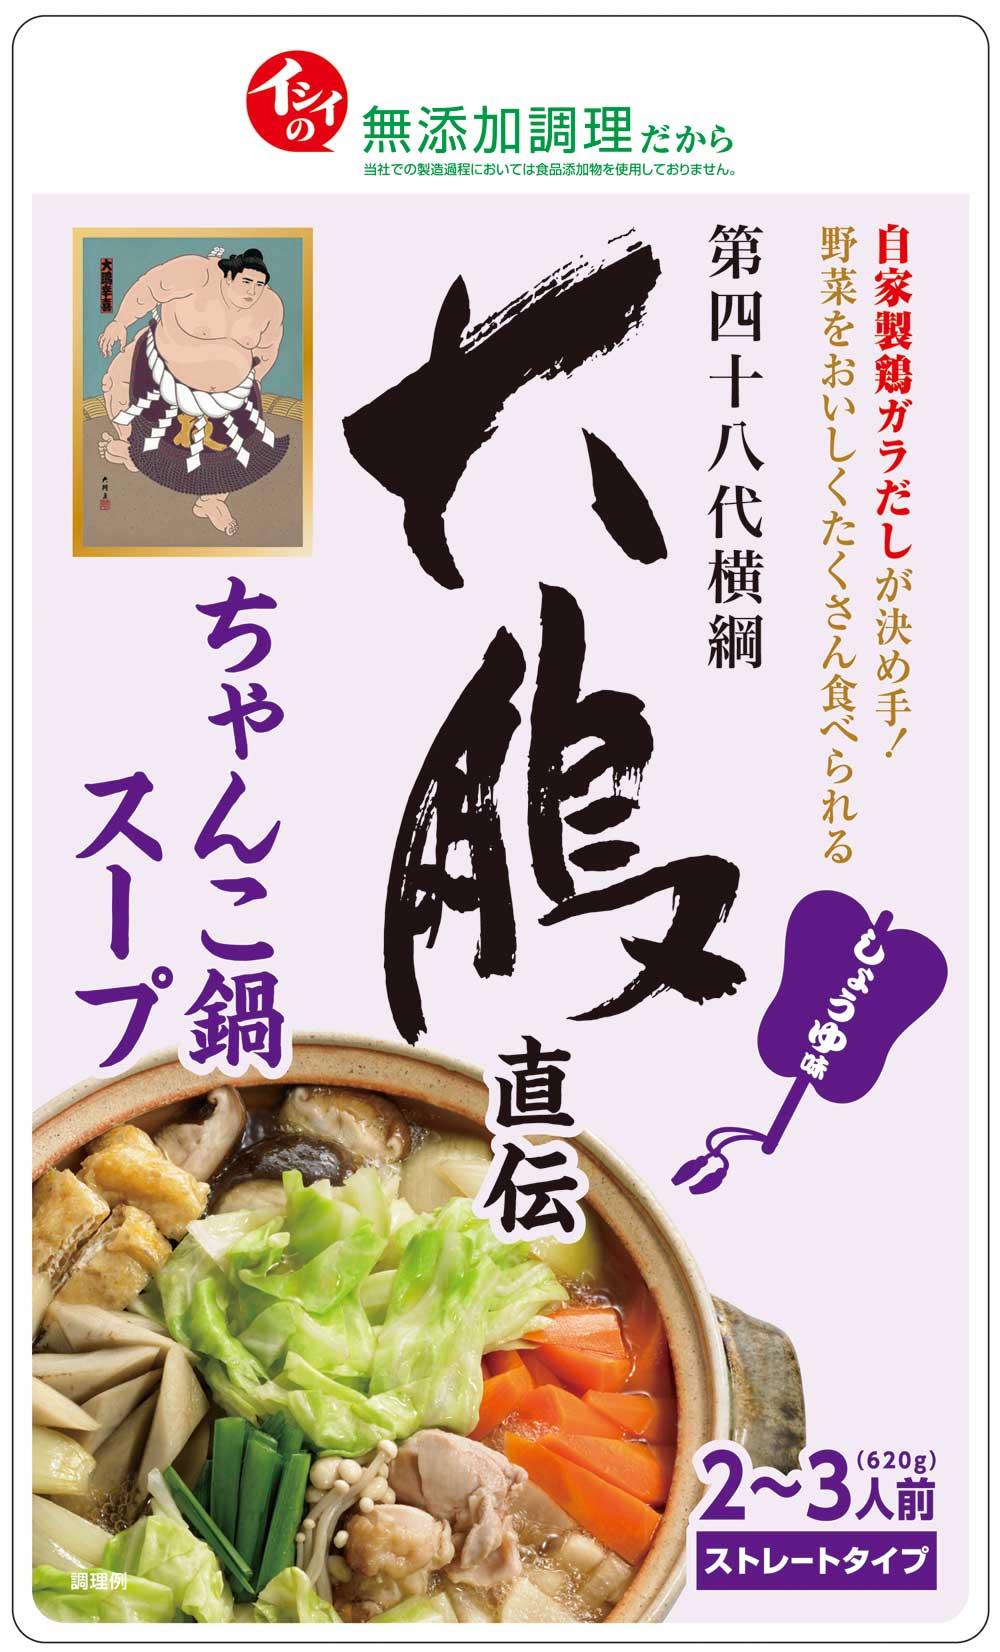 大鵬直伝ちゃんこ鍋スープしょうゆ味